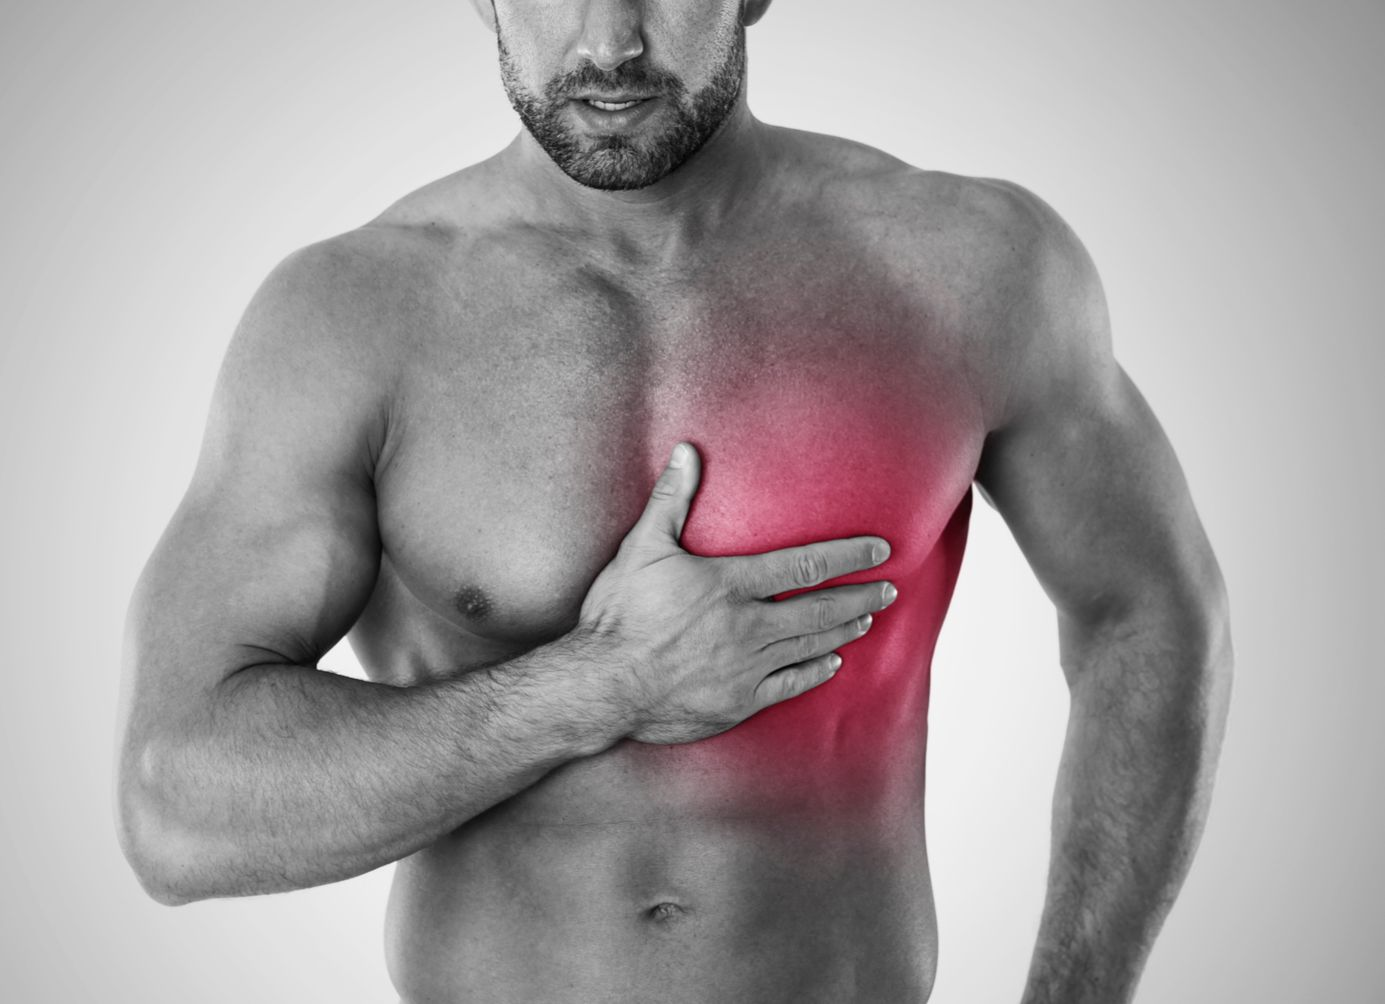 Mann mit schmerzender Brust. Thema: Krankes Herz